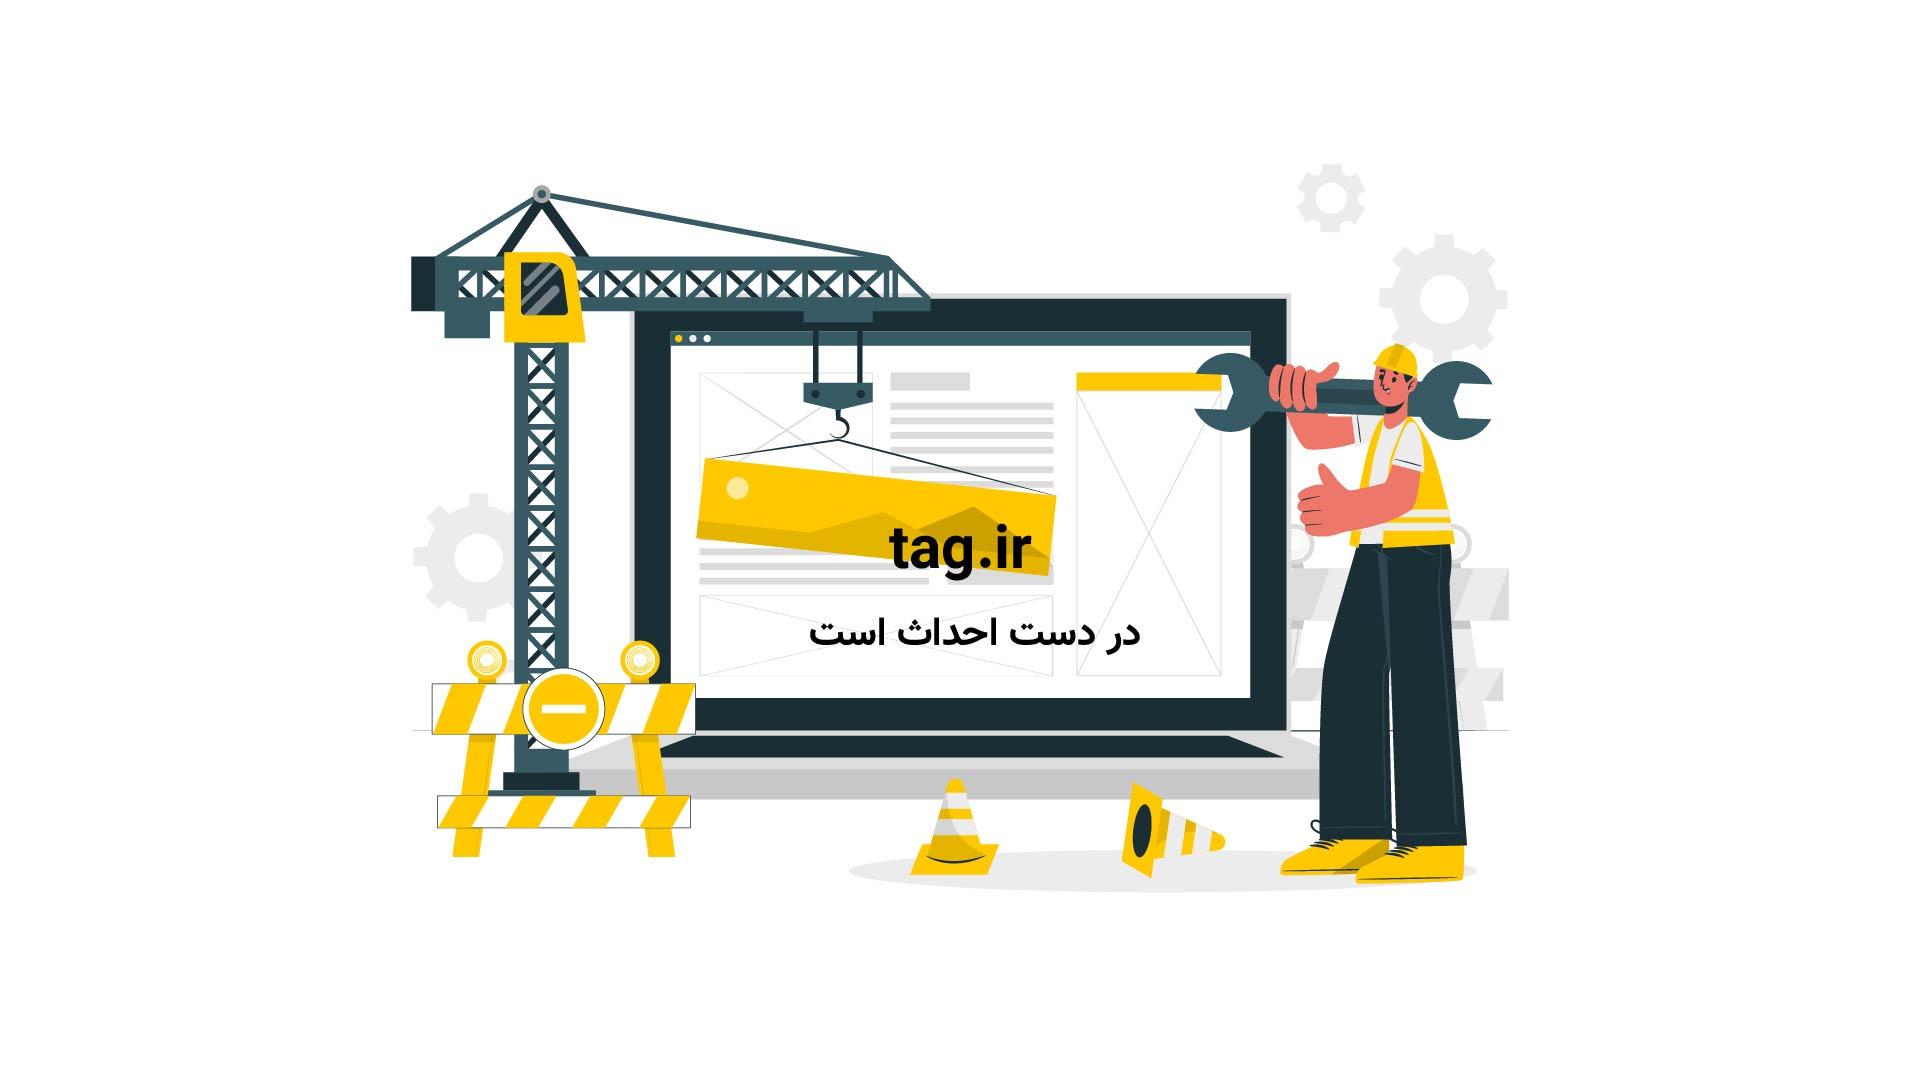 تداوم هوای گرم در بیشتر مناطق کشور | فیلم